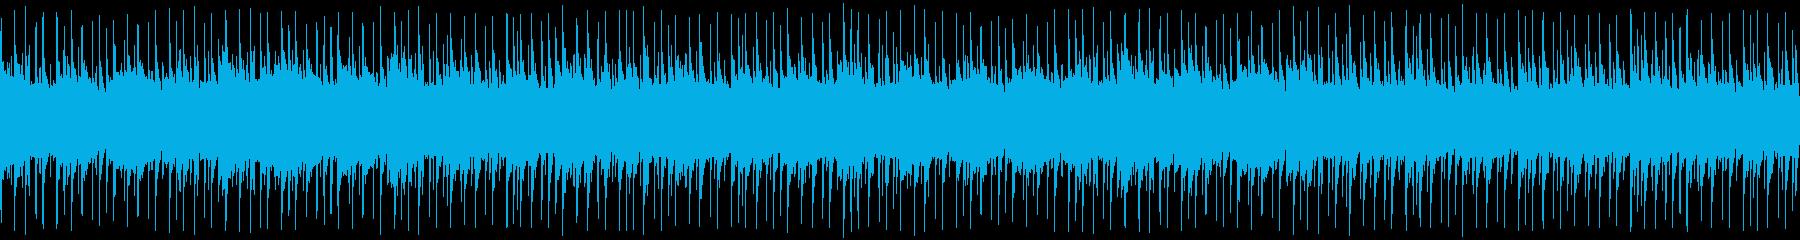 クール系インスト楽曲の再生済みの波形